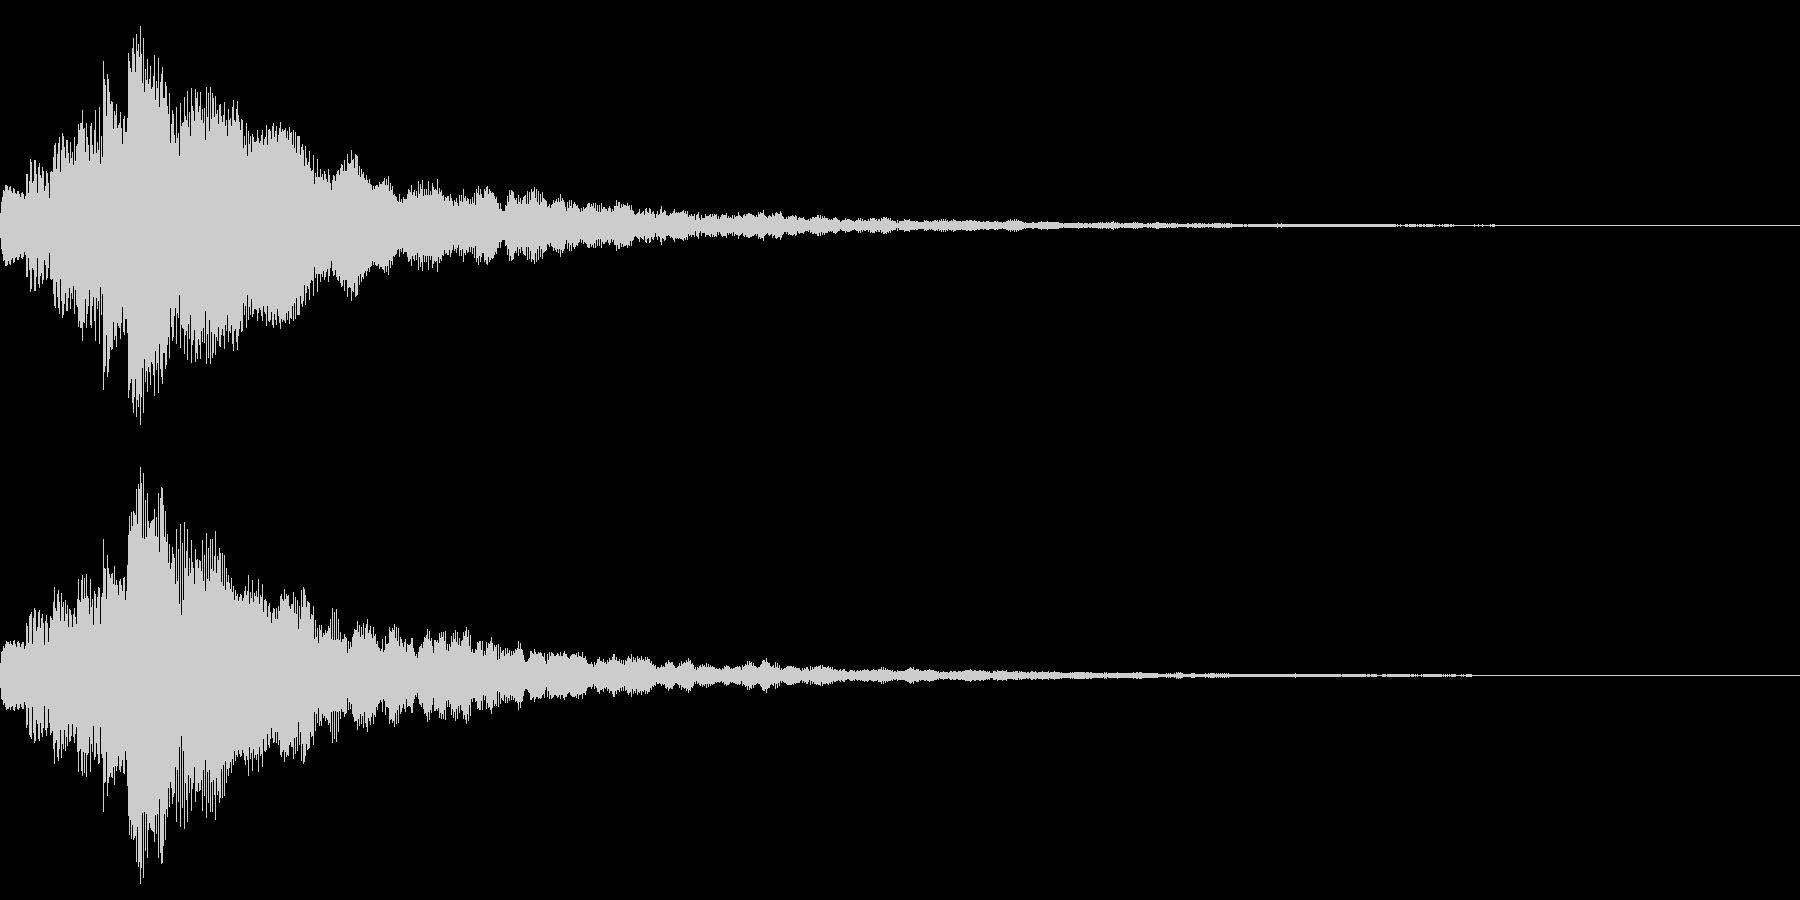 キラン!なアタック音8の未再生の波形